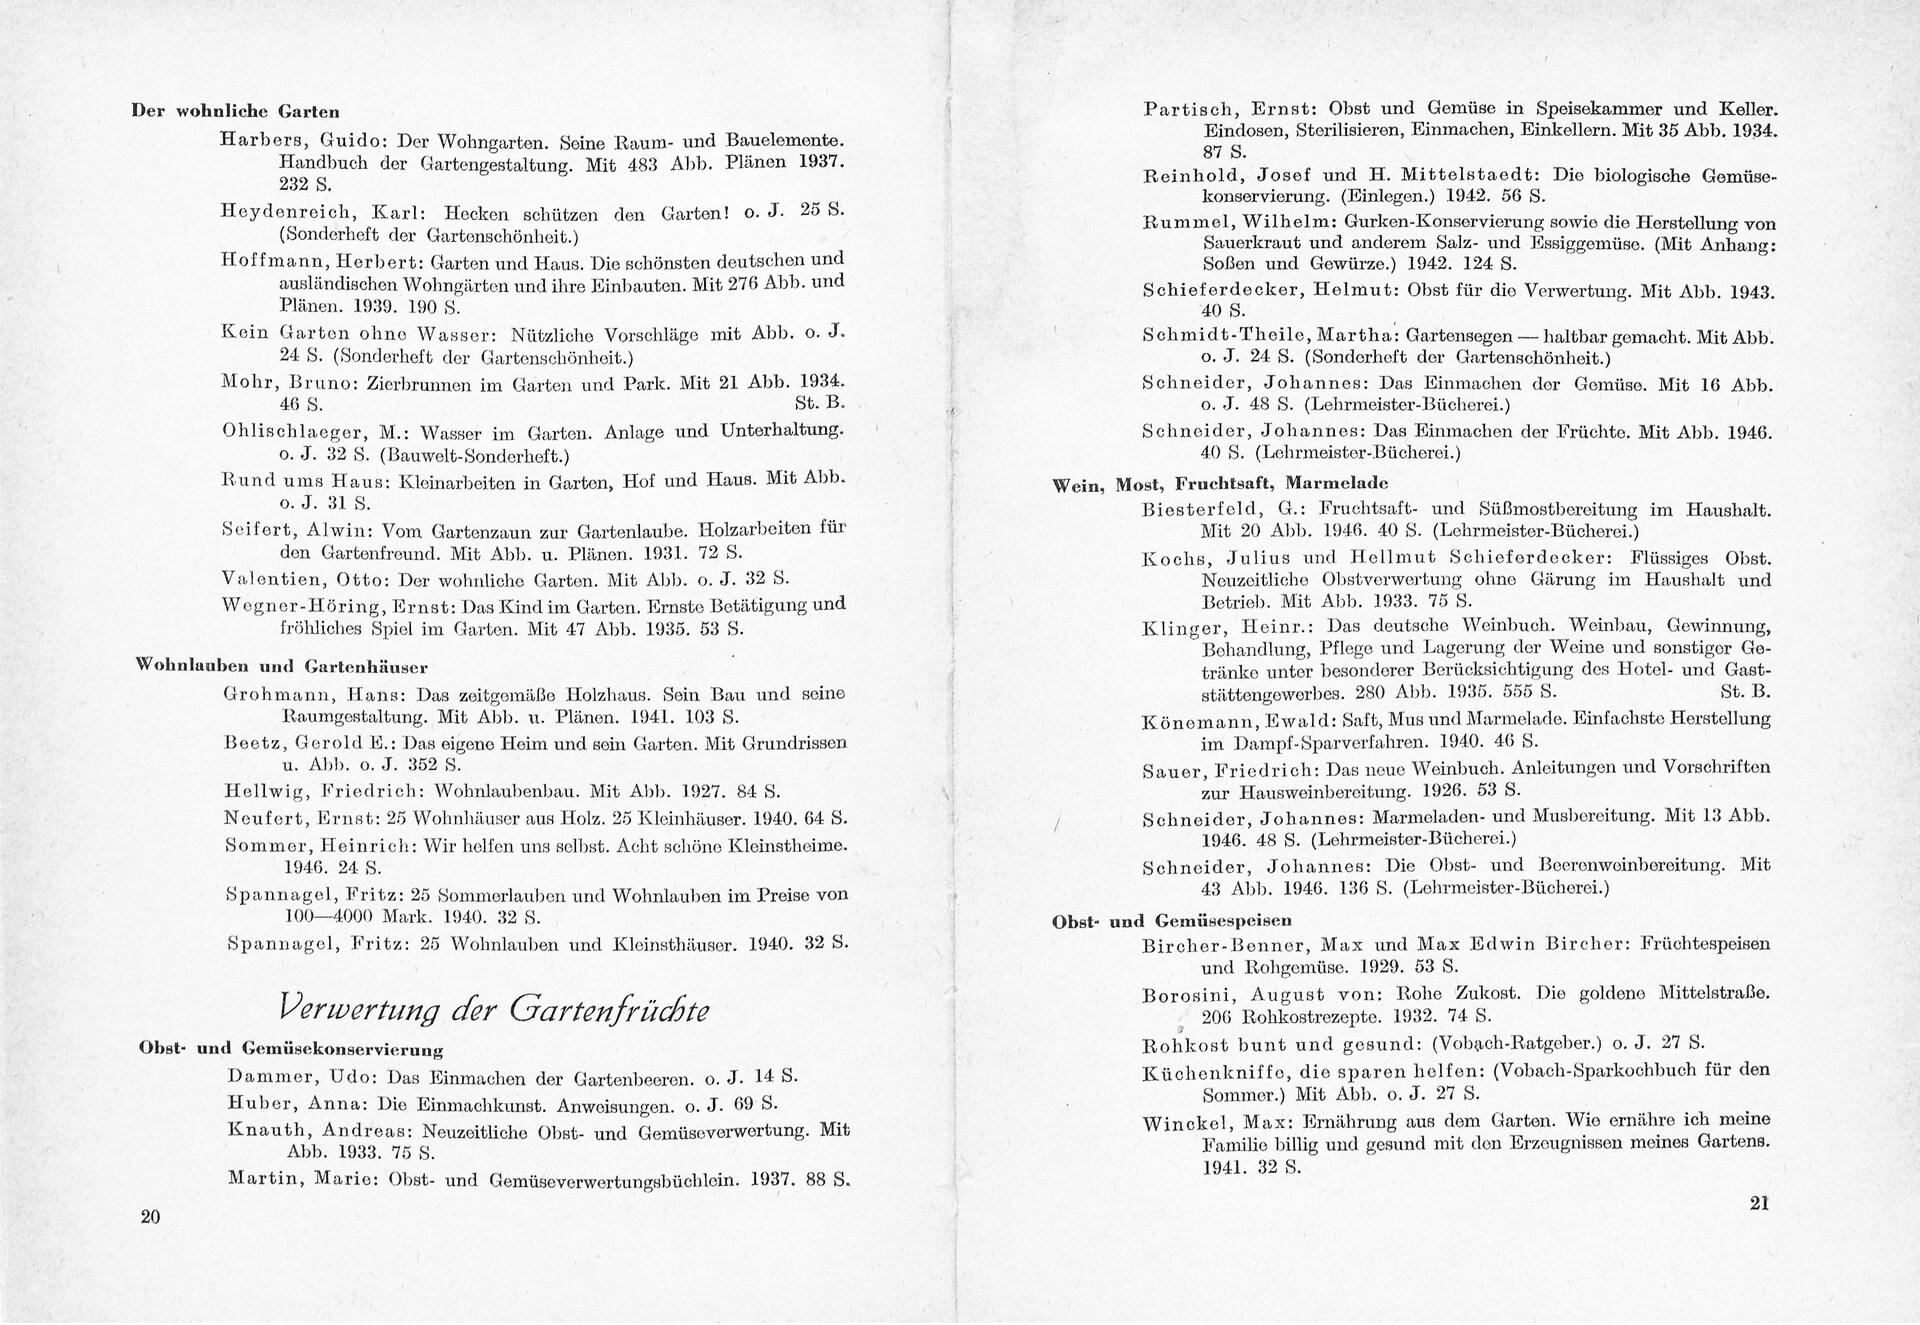 Auswahlverzeichnis.19.20.21.jpg